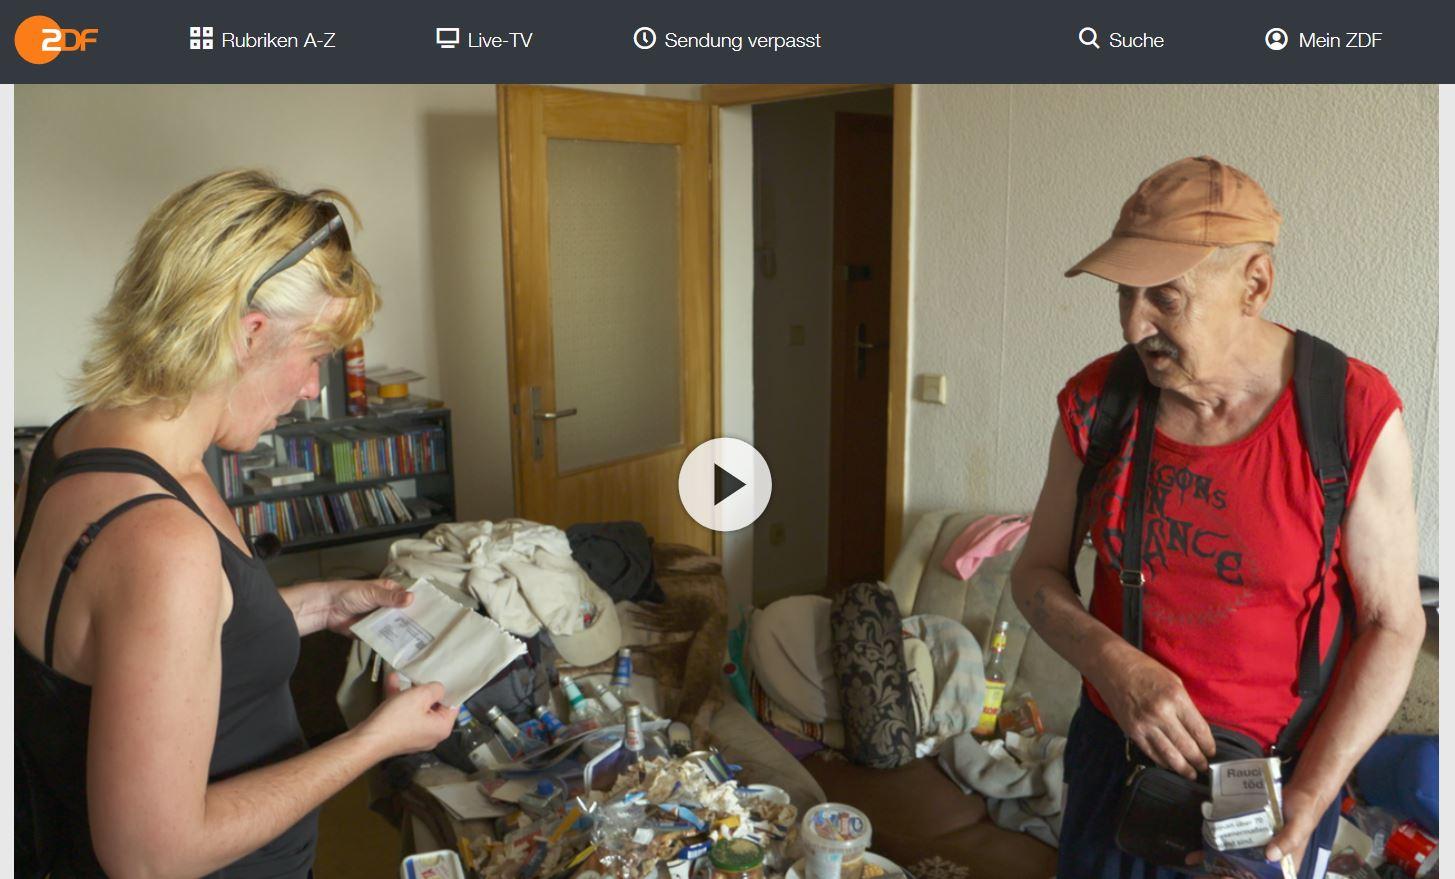 ZDF-Doku: Zwischen Frust und Hoffnung - Die Helfer vom Amt und ihre Kunden   37 Grad